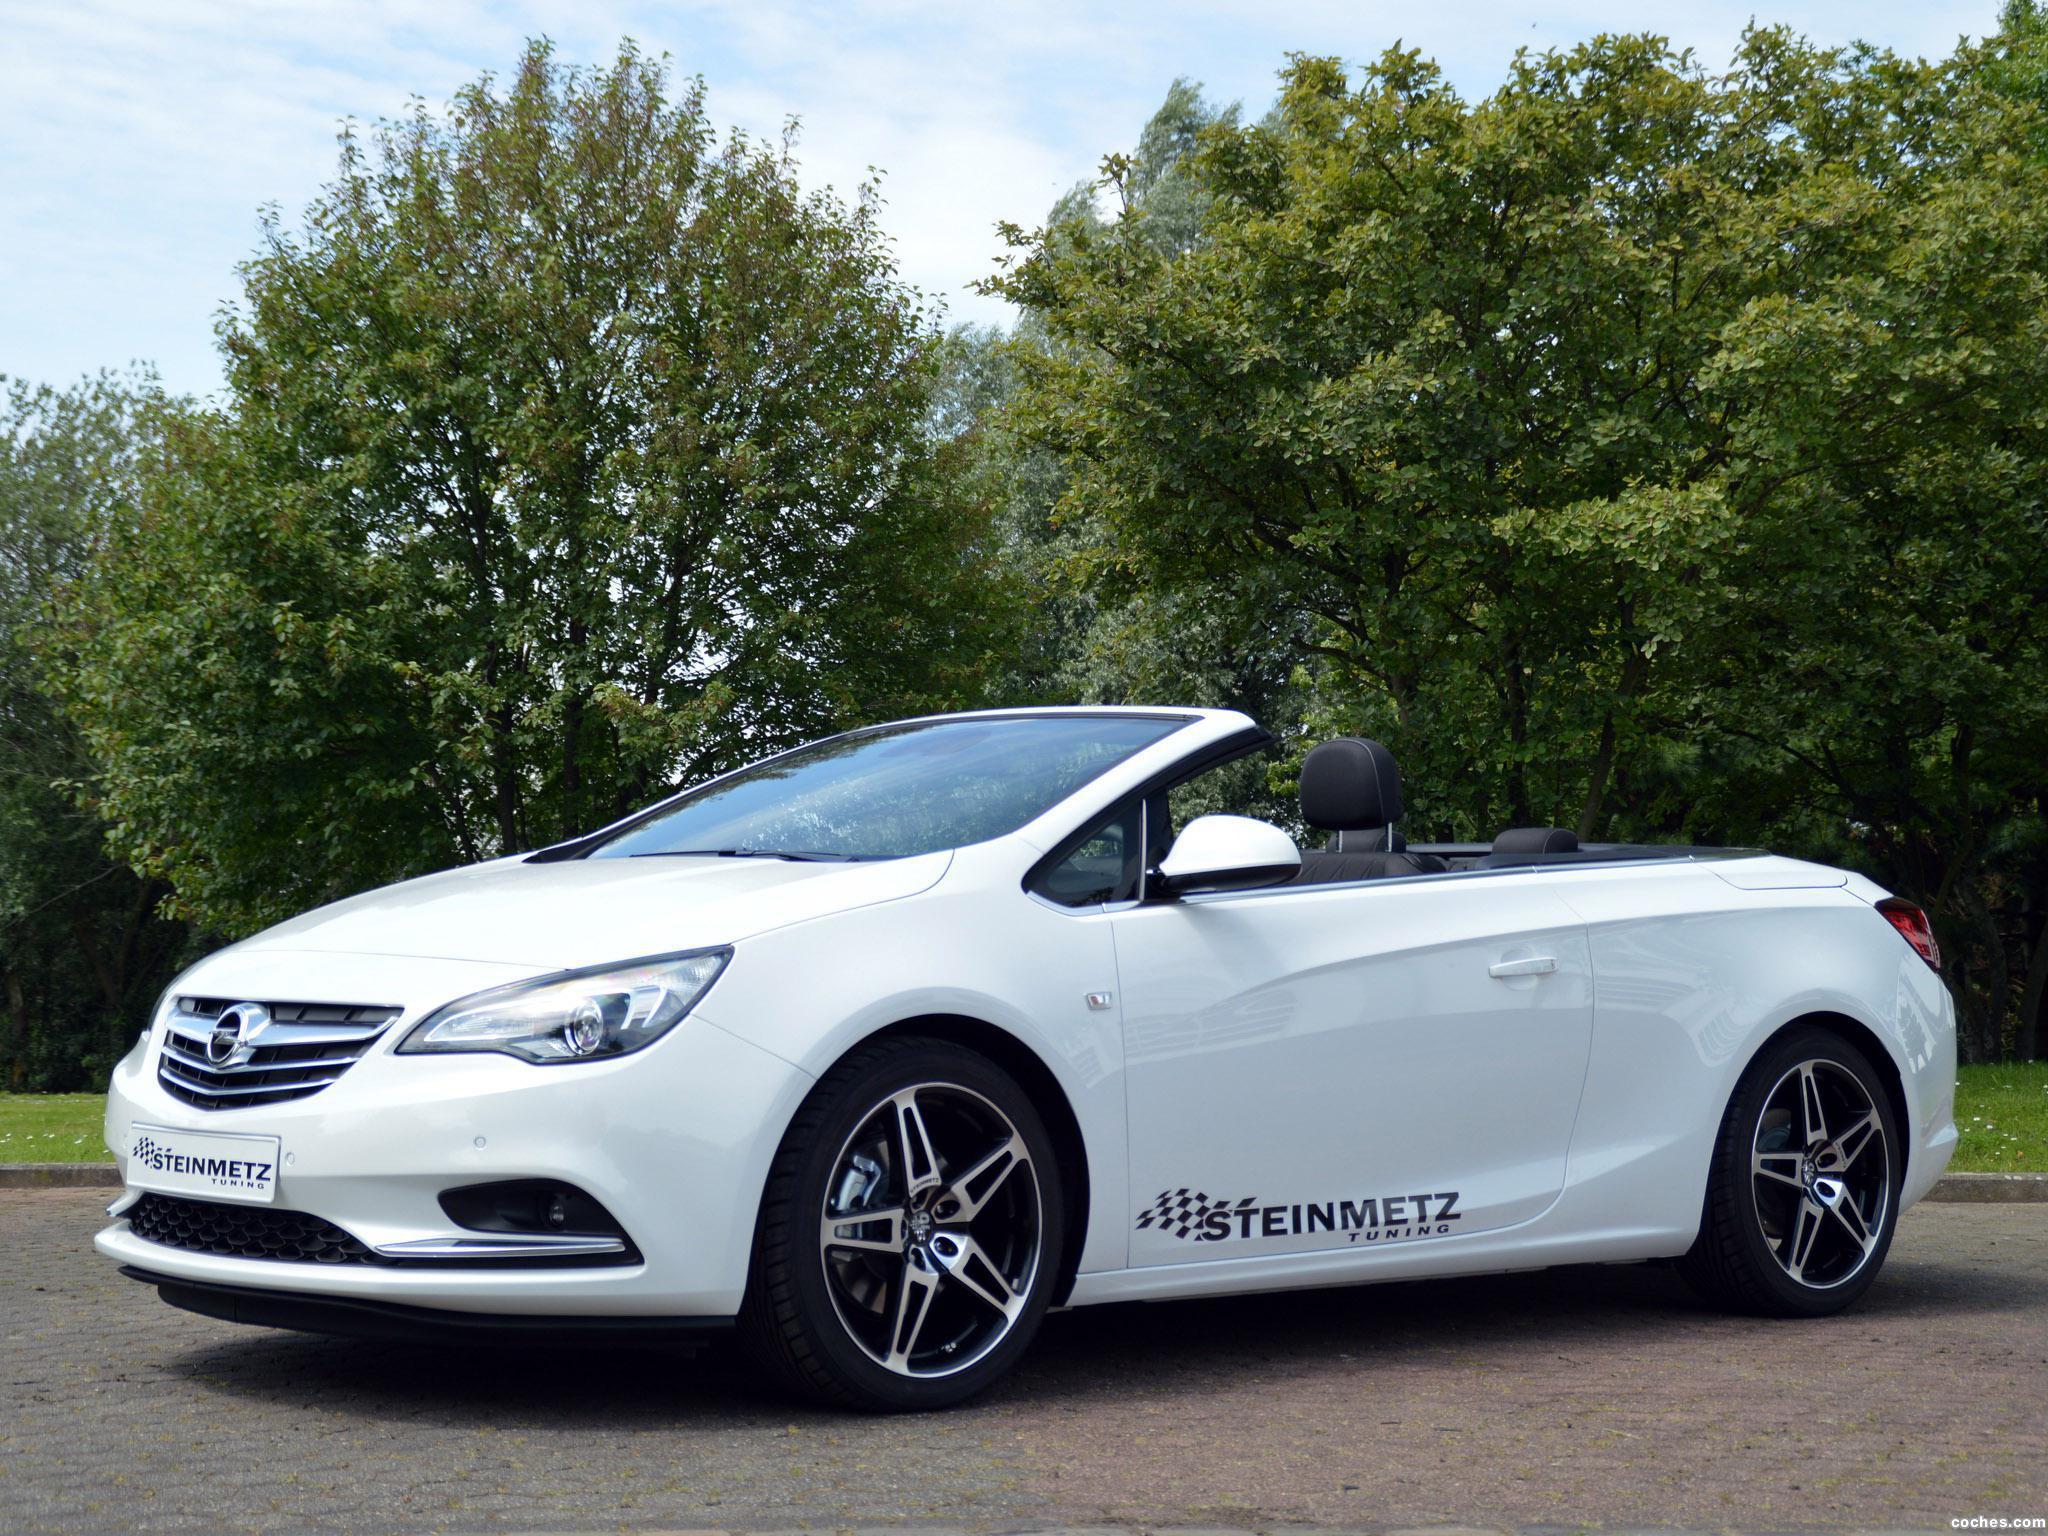 Foto 0 de Steinmetz Opel Cascada 2013